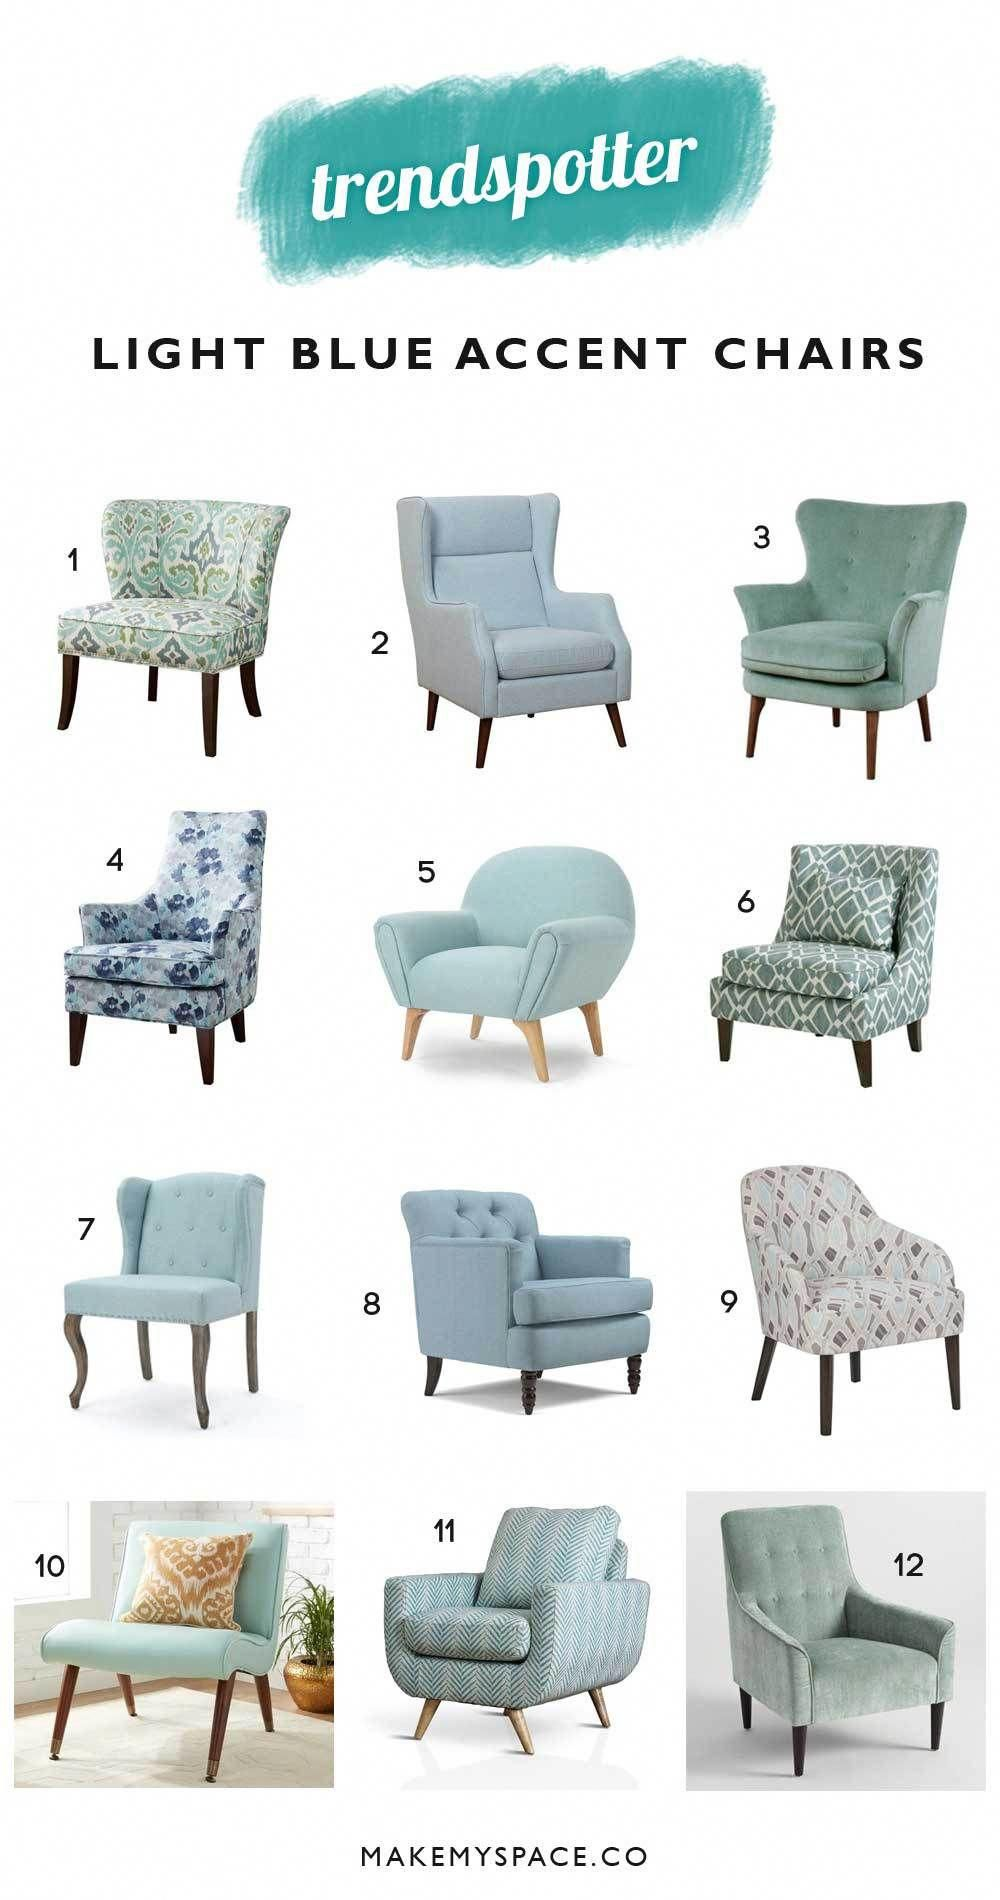 Polywood Adirondack Chairs Midcenturymodernchairs Id 9445537284 Ideas De Muebles De Dormitorio Muebles De Sala Modernos Decoracion De Interiores